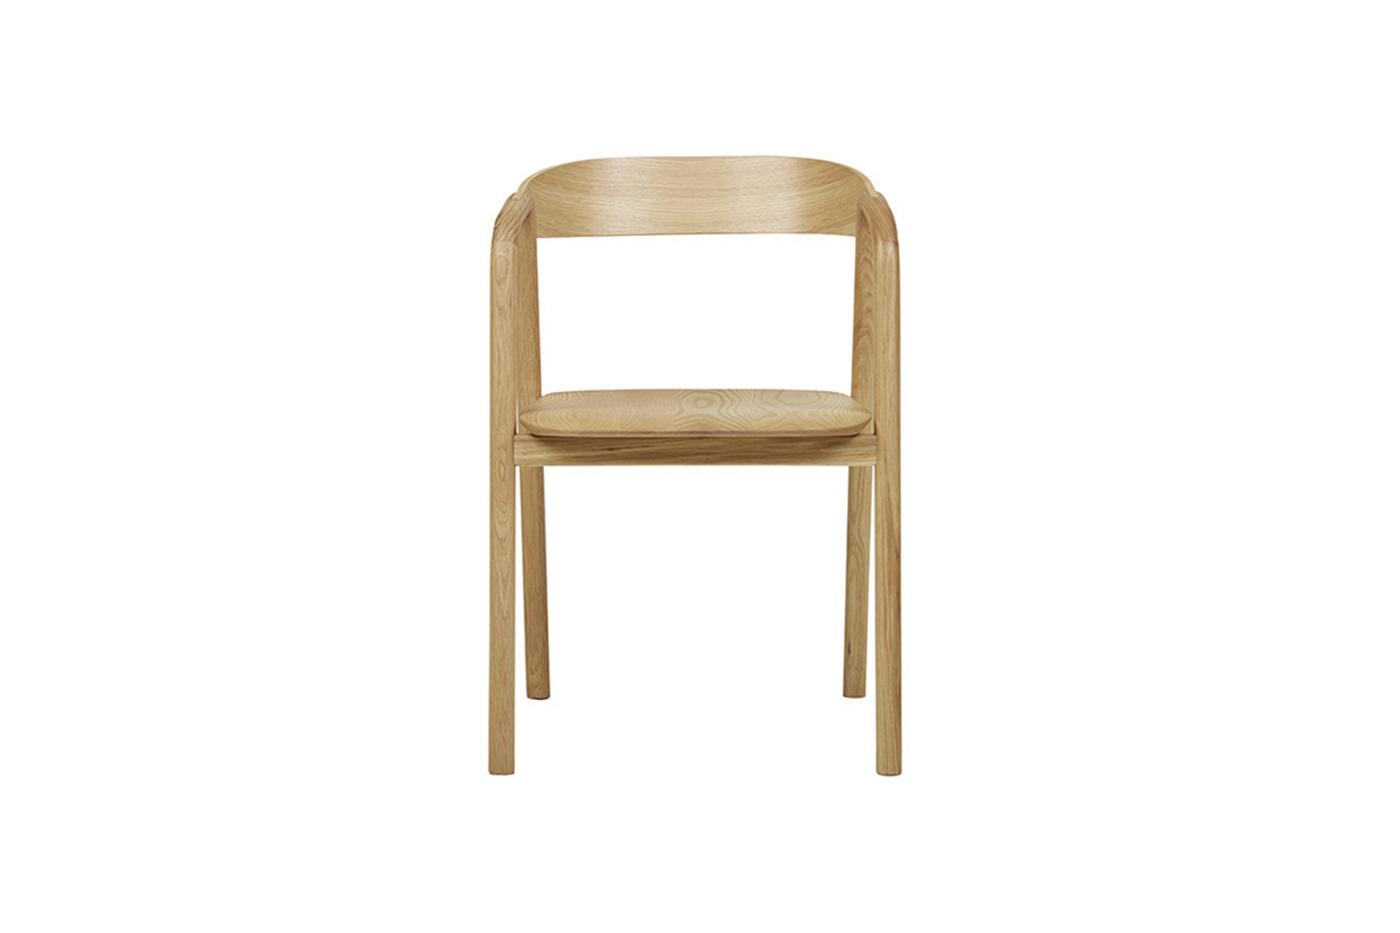 Ghế đơn gỗ sồi Inlay DC Sketch đẹp xuất khẩu2/13